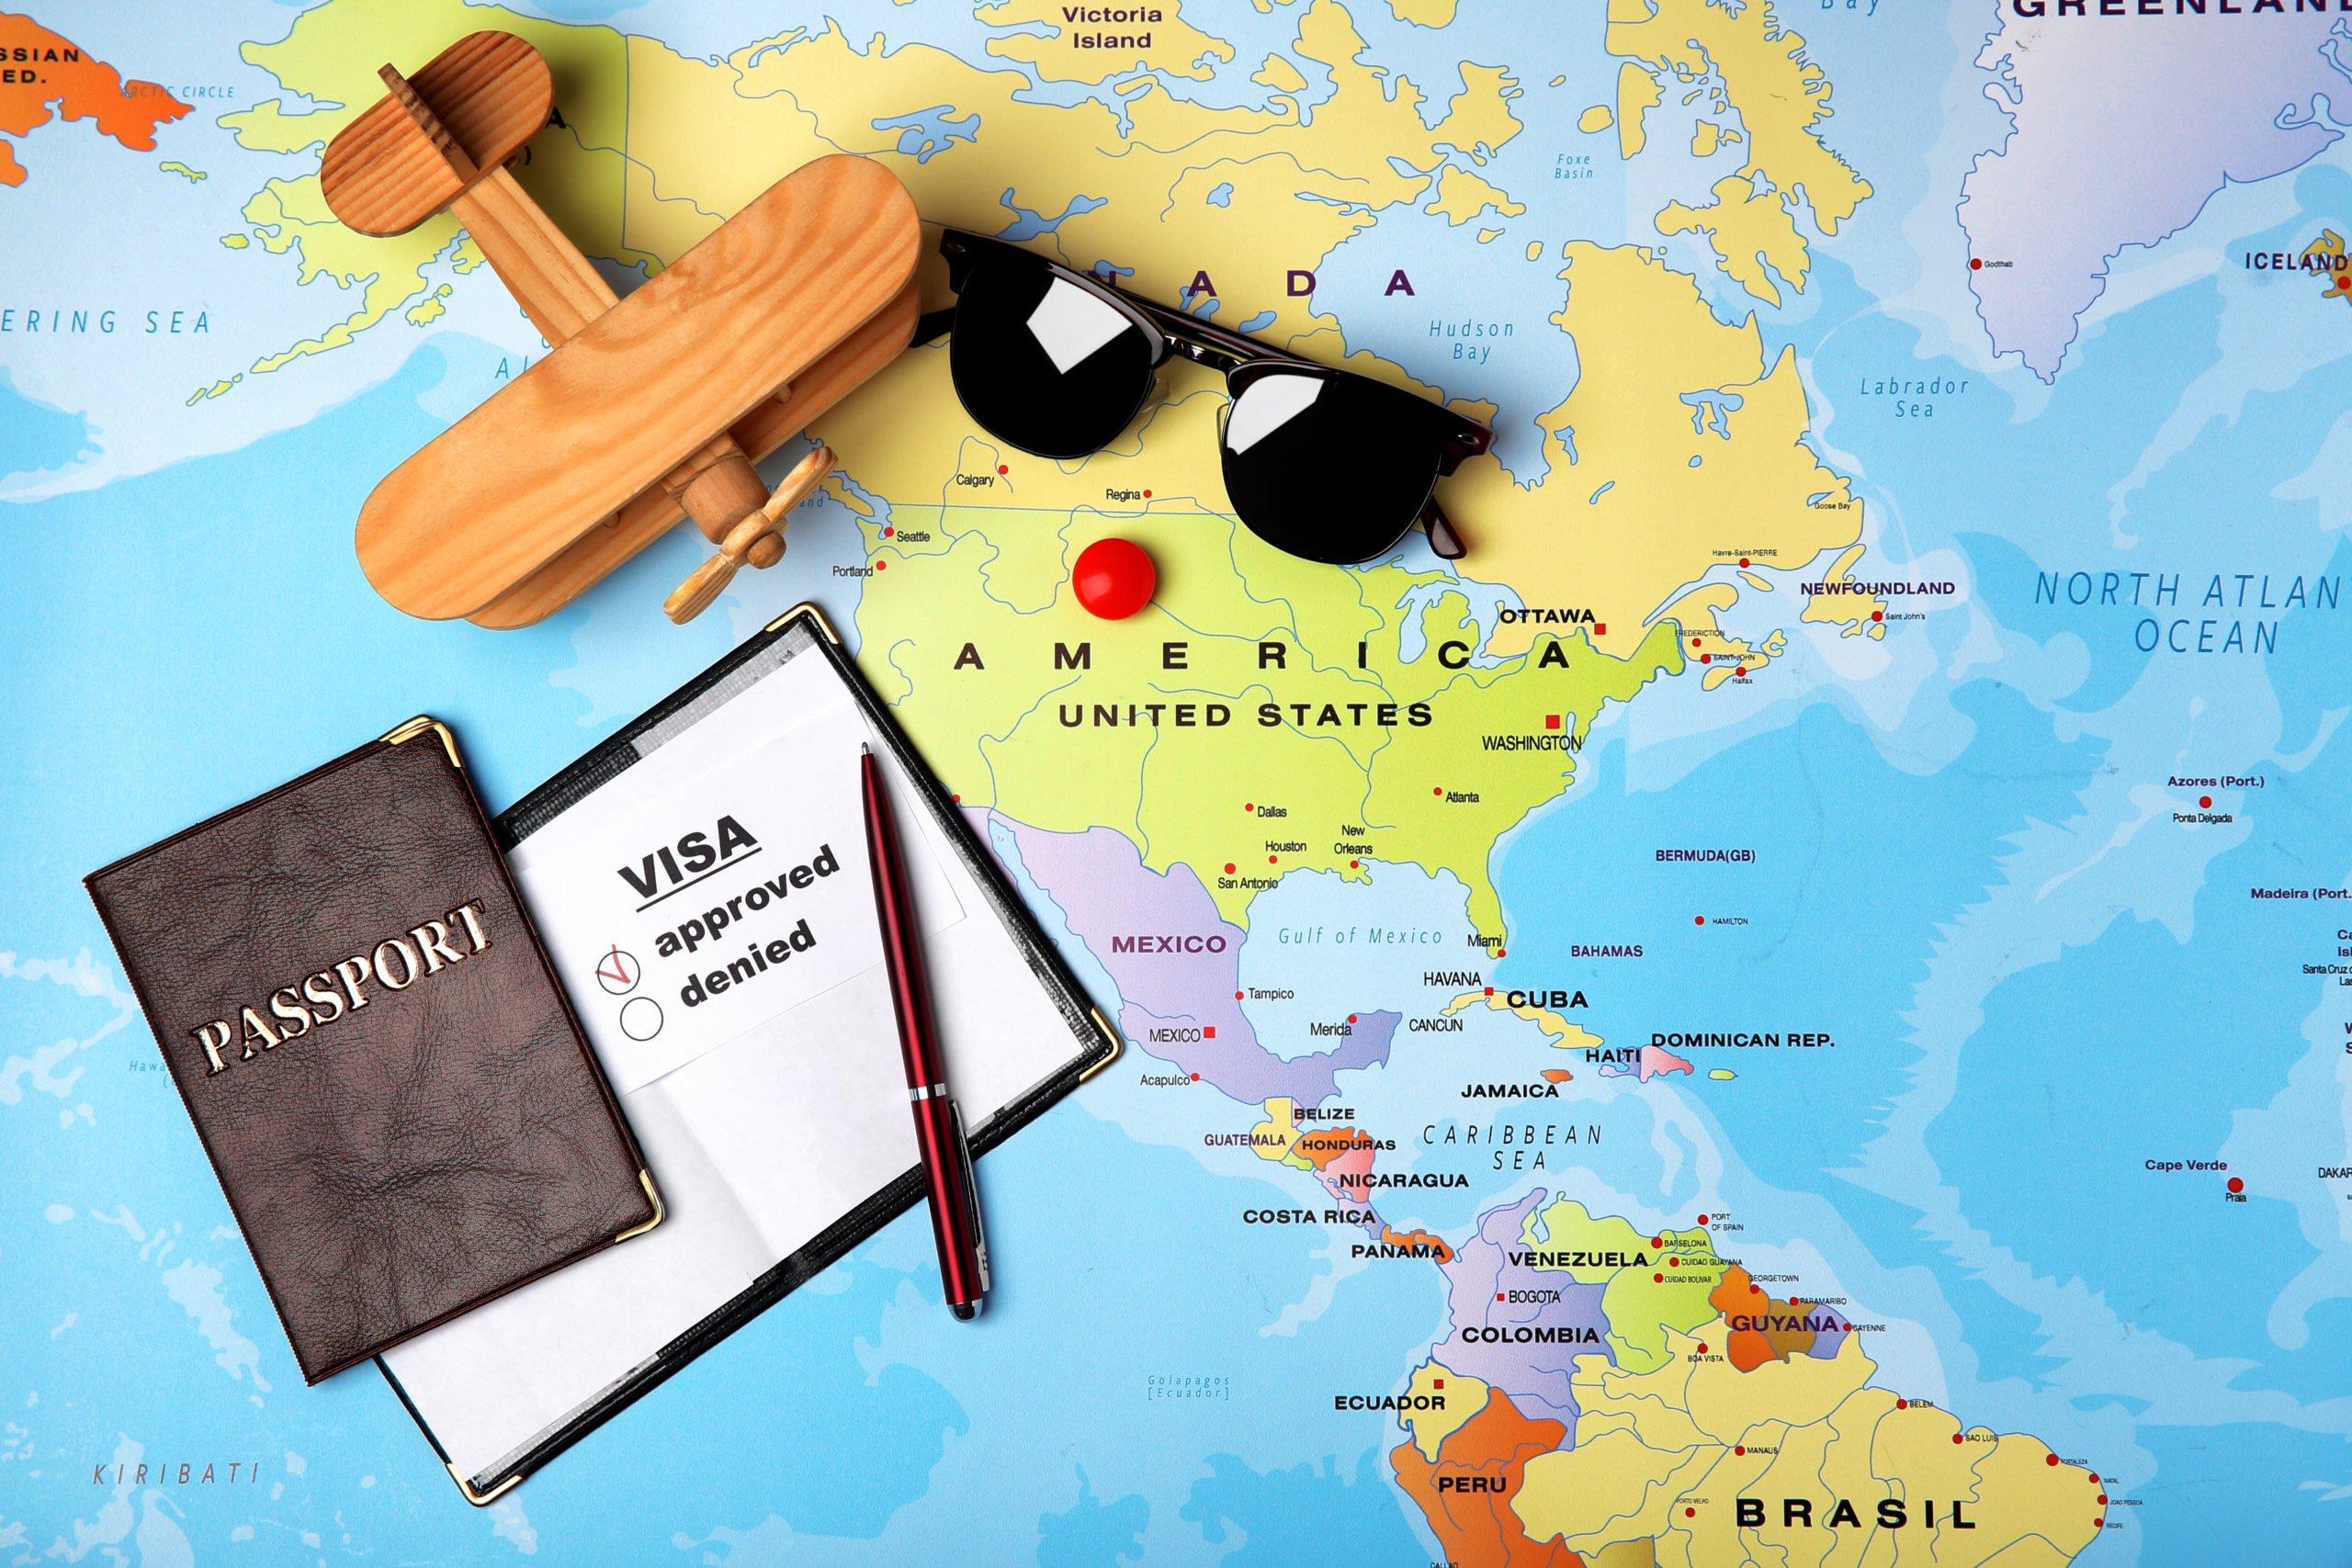 USA Einreise: Mit diesen 5 Tipps klappt ESTA Anmeldung einfach und reibungslos